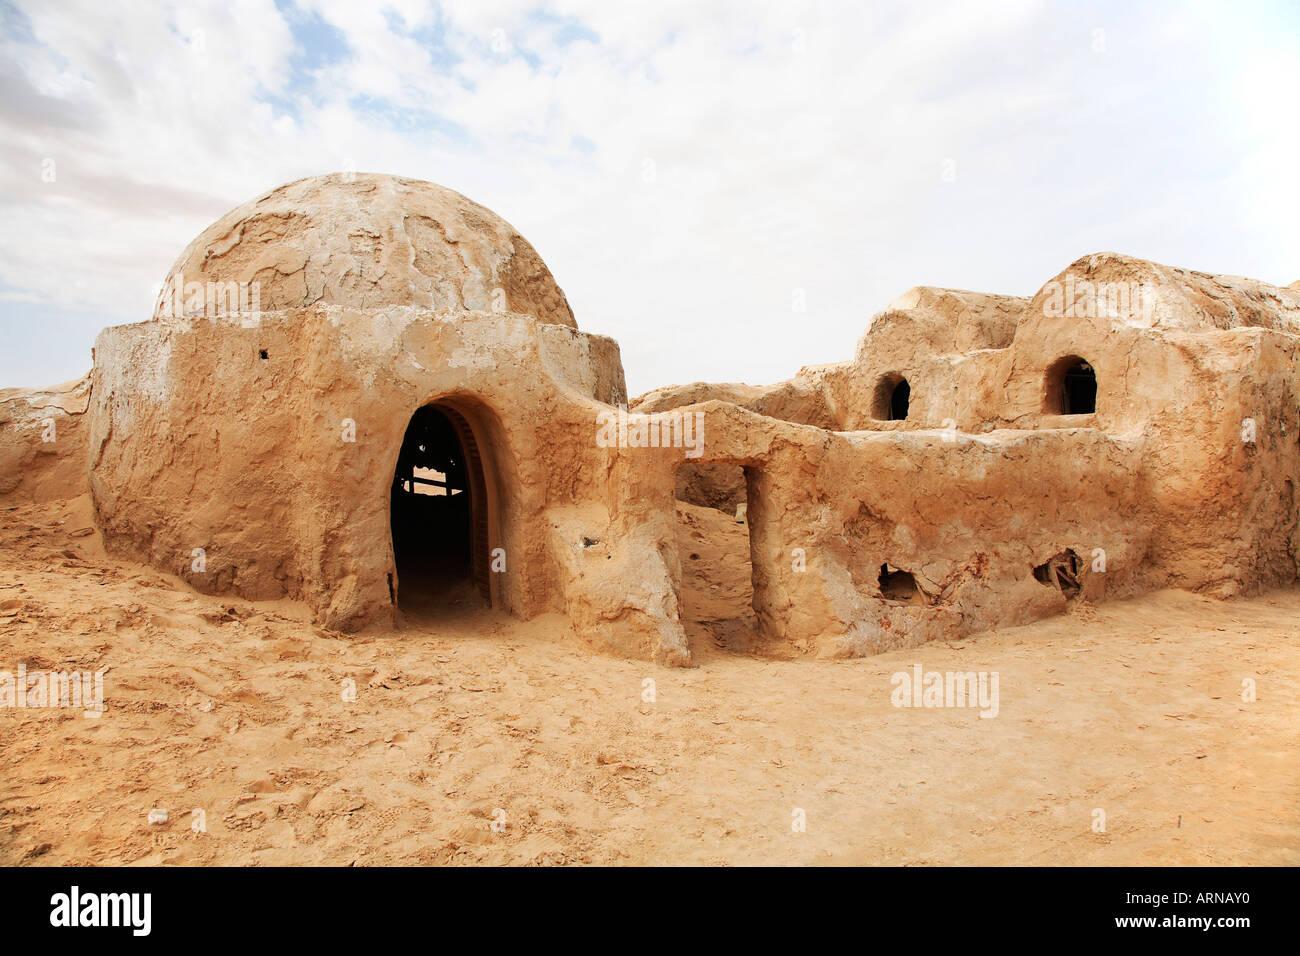 Desert City Location Of Star Wars Episode I In The Sahara - Sahara desert location